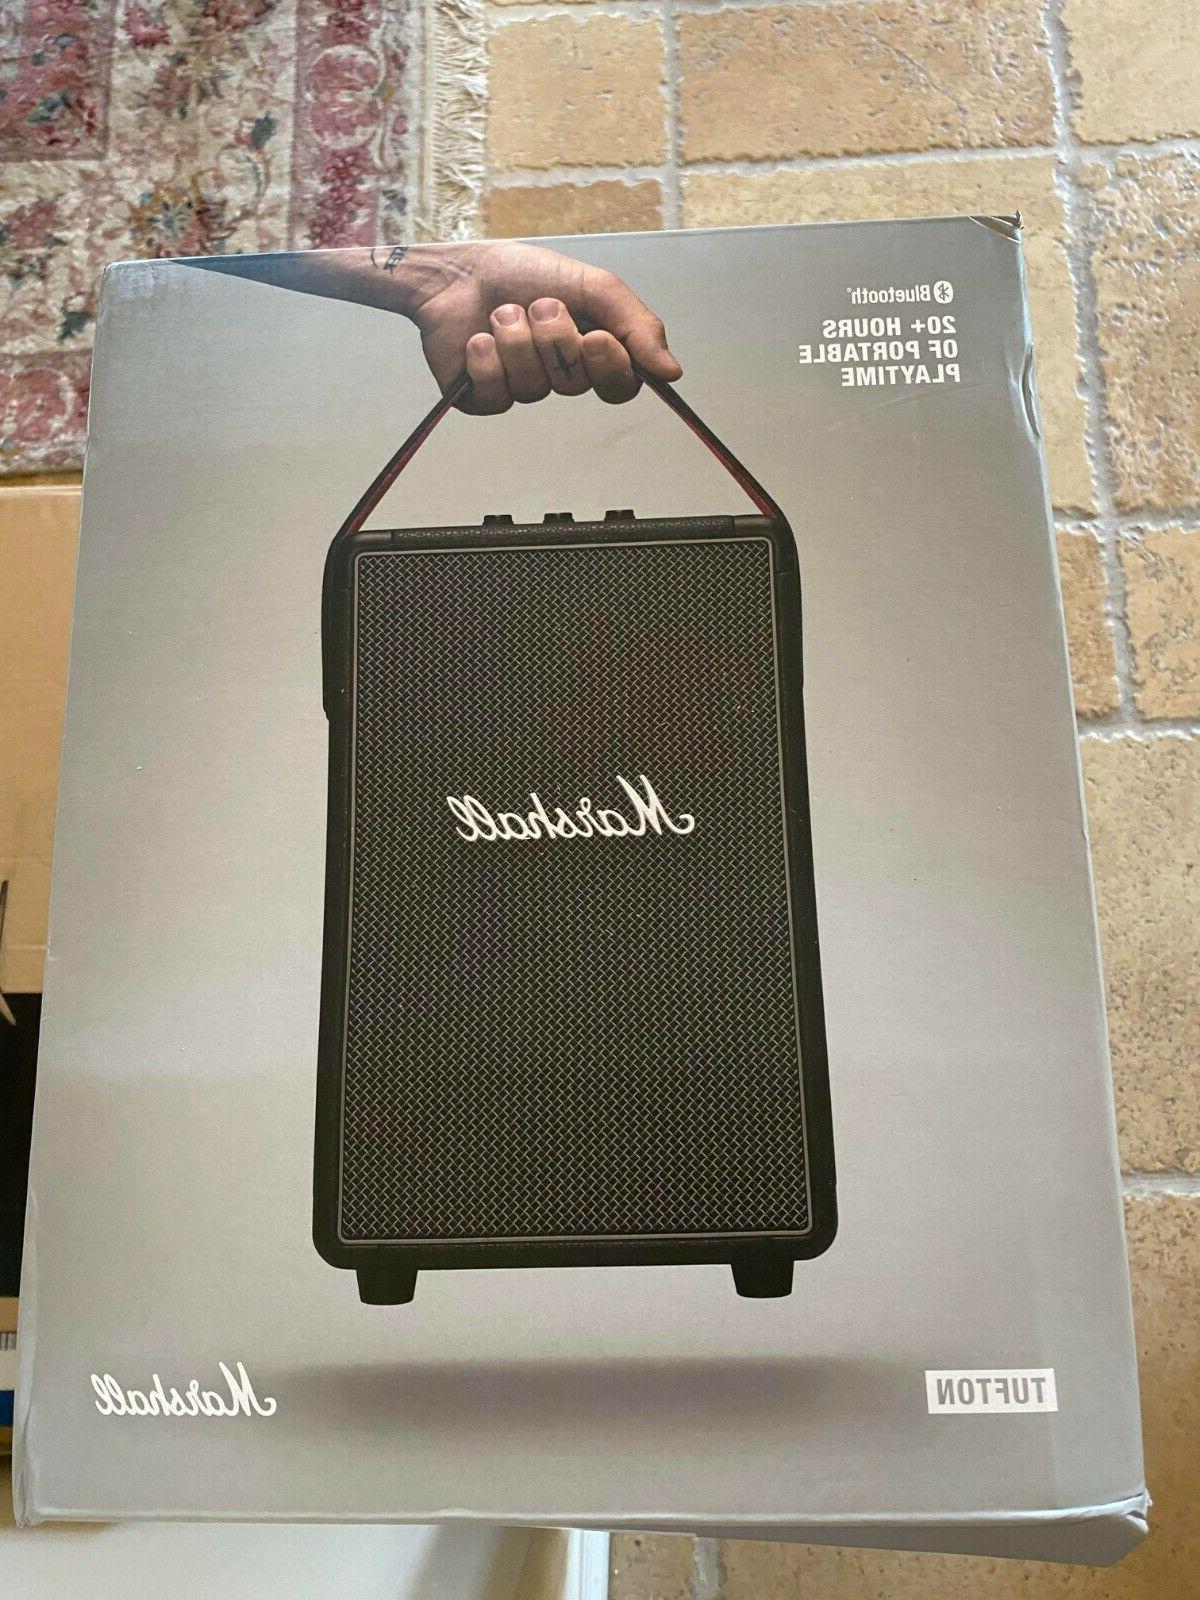 Marshall - Tufton Portable Bluetooth Speaker - Black